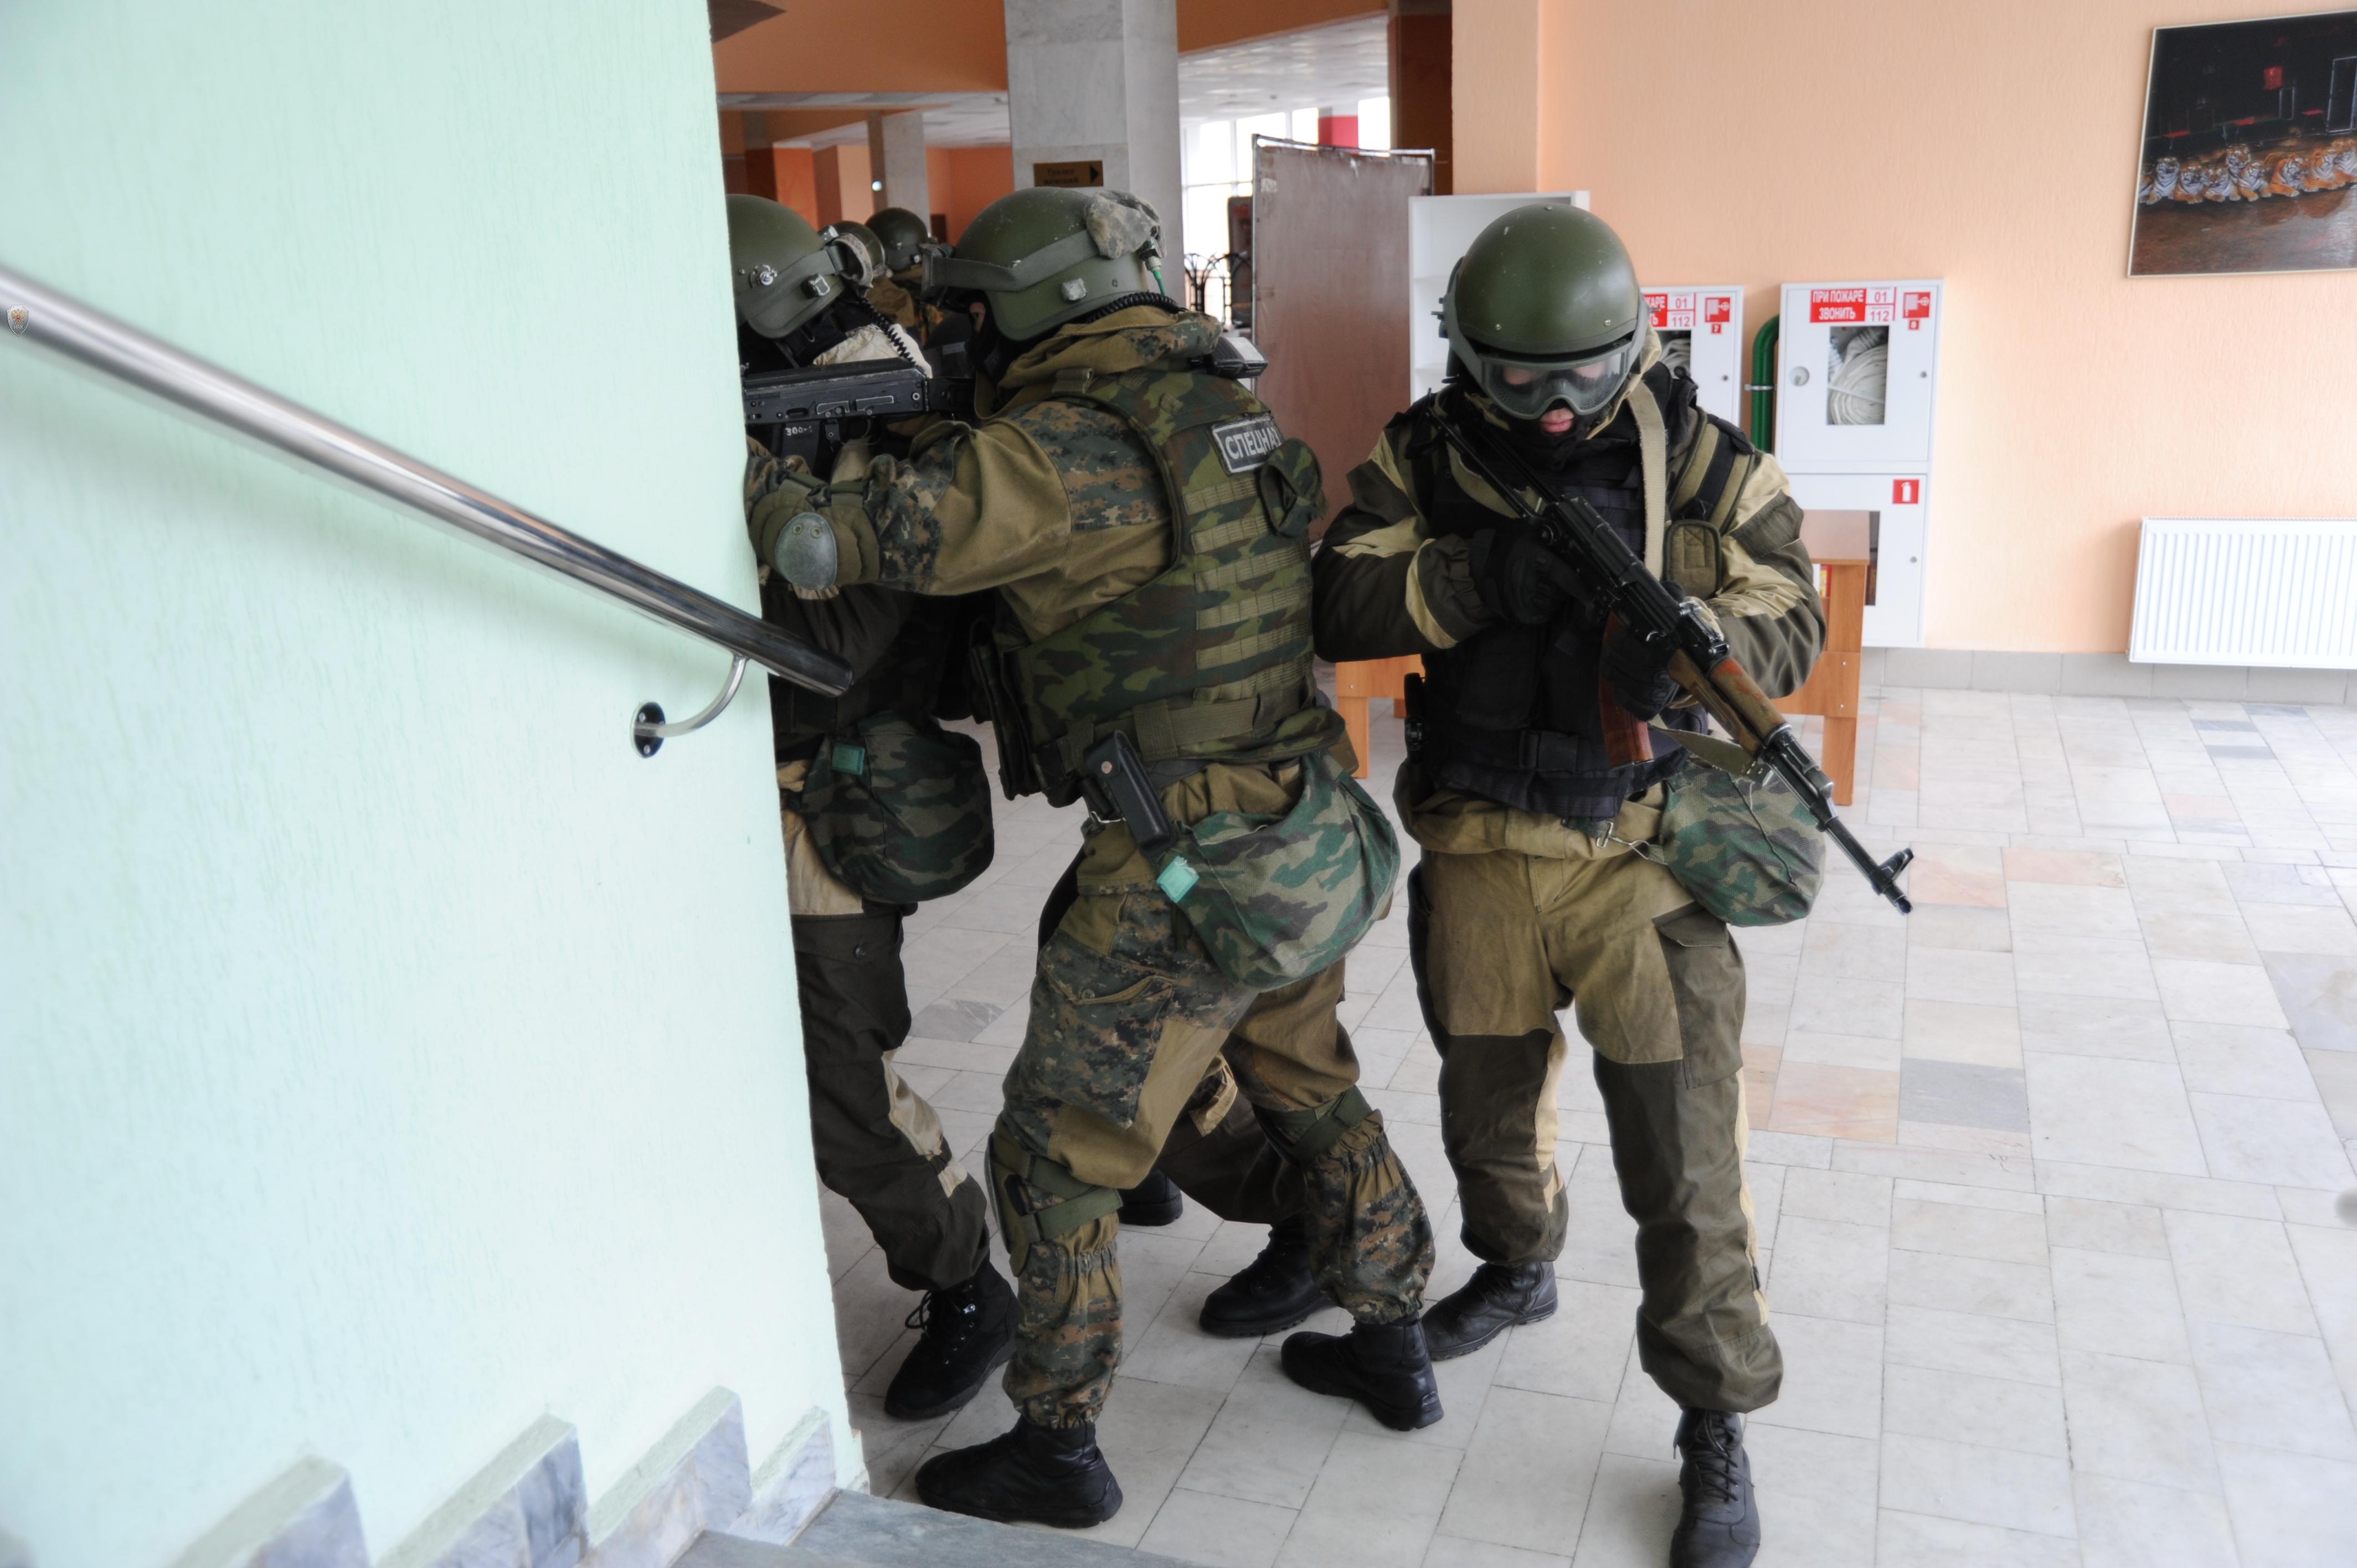 ФСБ предотвратила теракт в Москве с участием смертников на Новый год